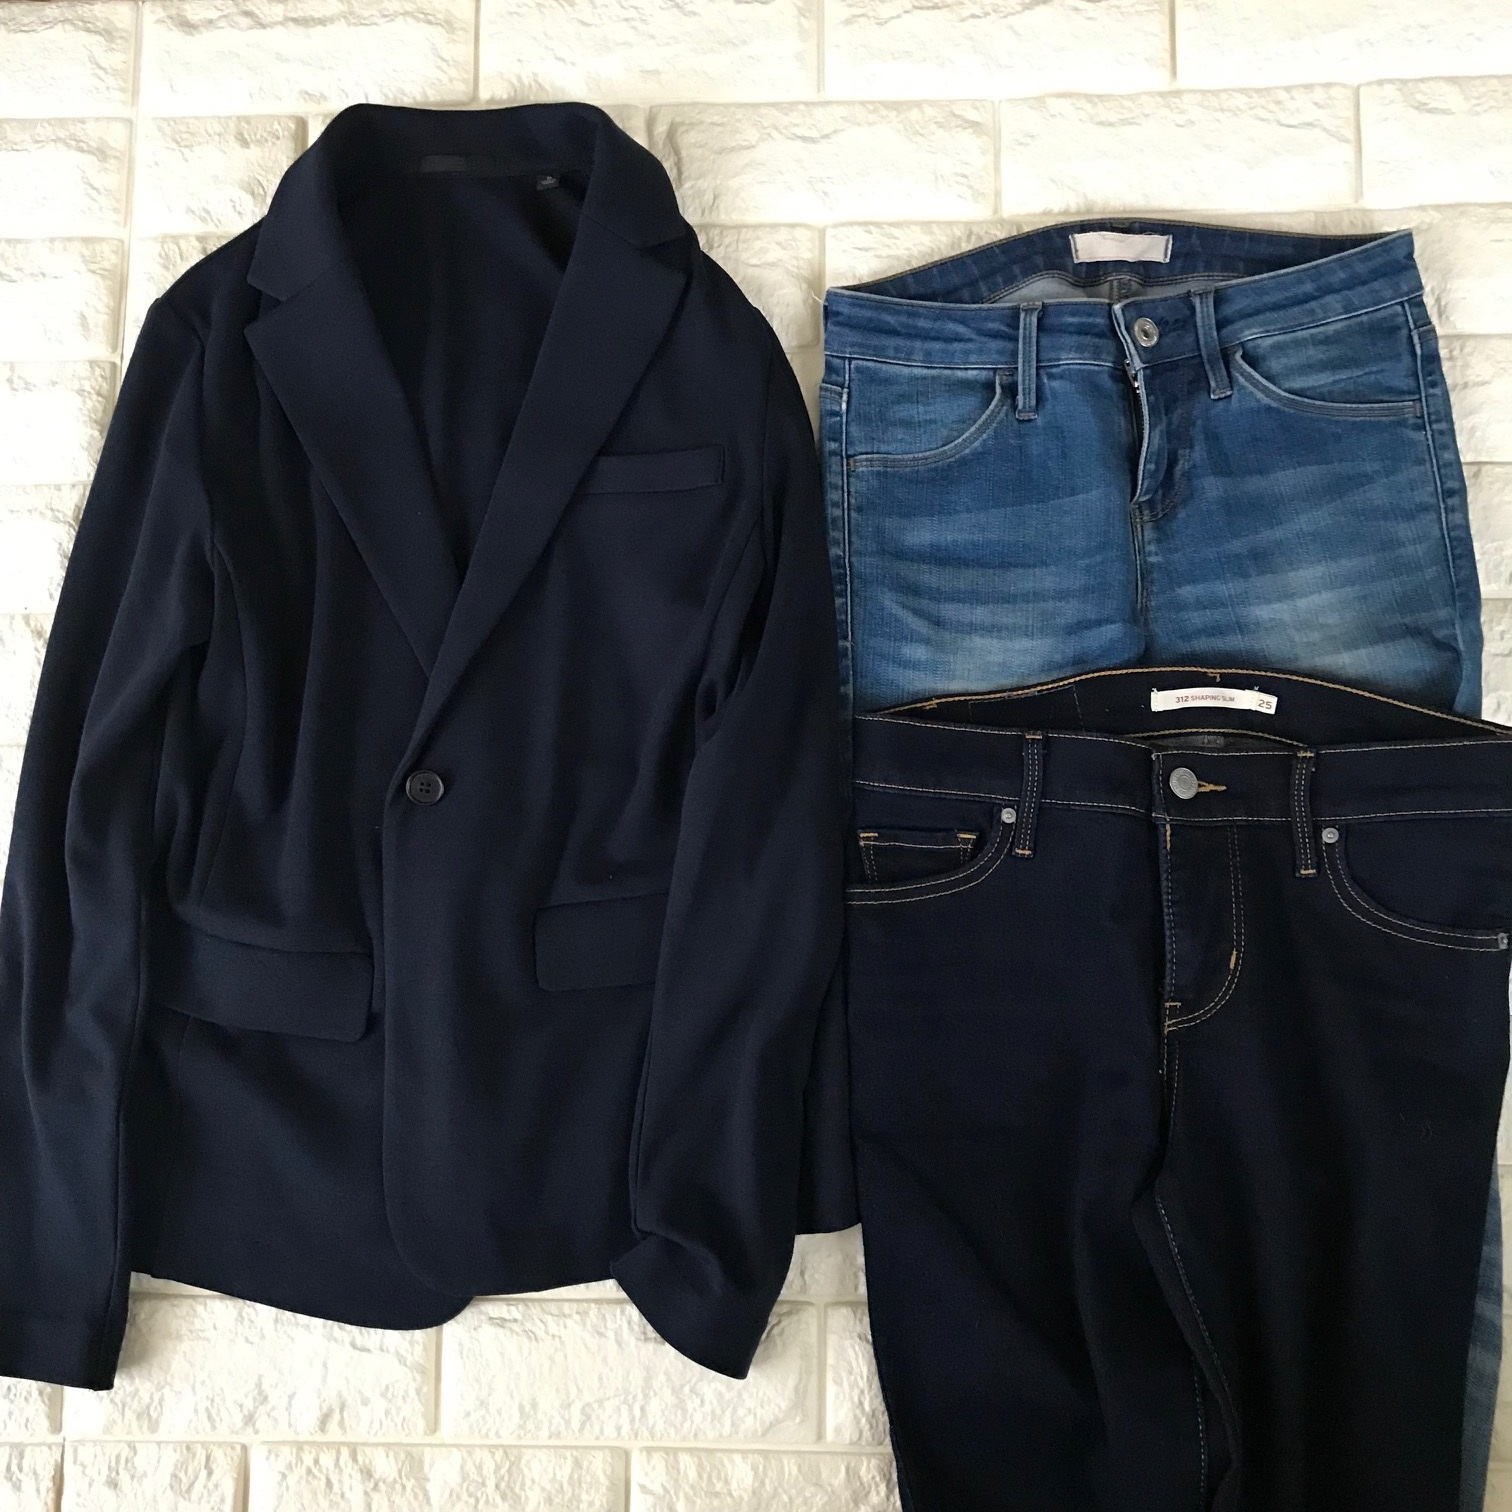 ユニクロのジャケットとデニムを合わせた例